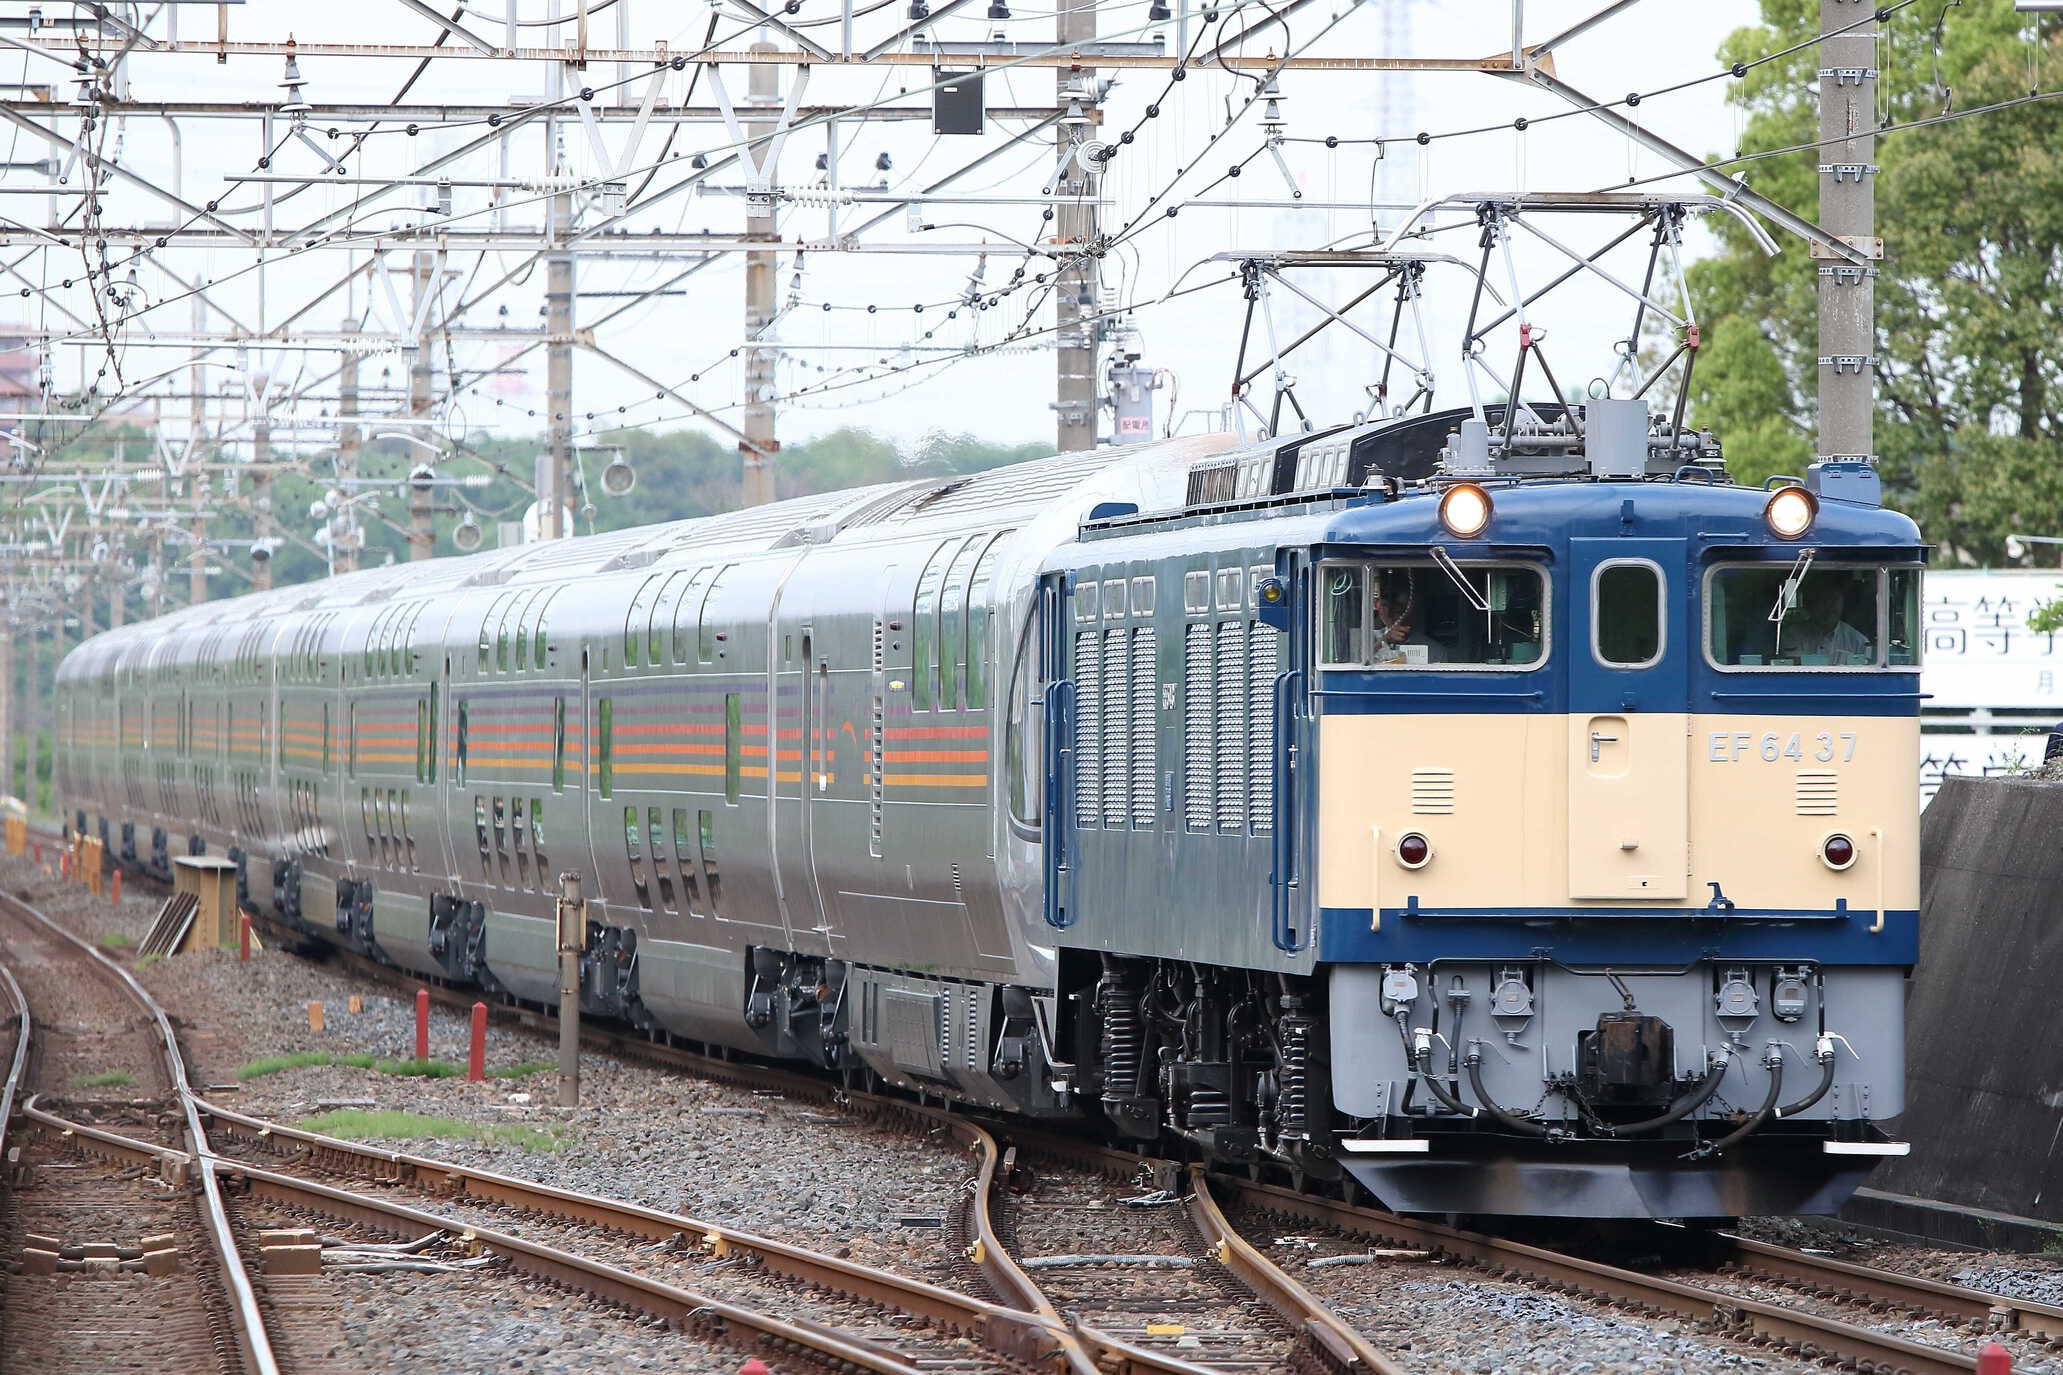 9011列車 団臨 信州カシオペア紀行 EF64-37[高]+E26系 東オク車12車